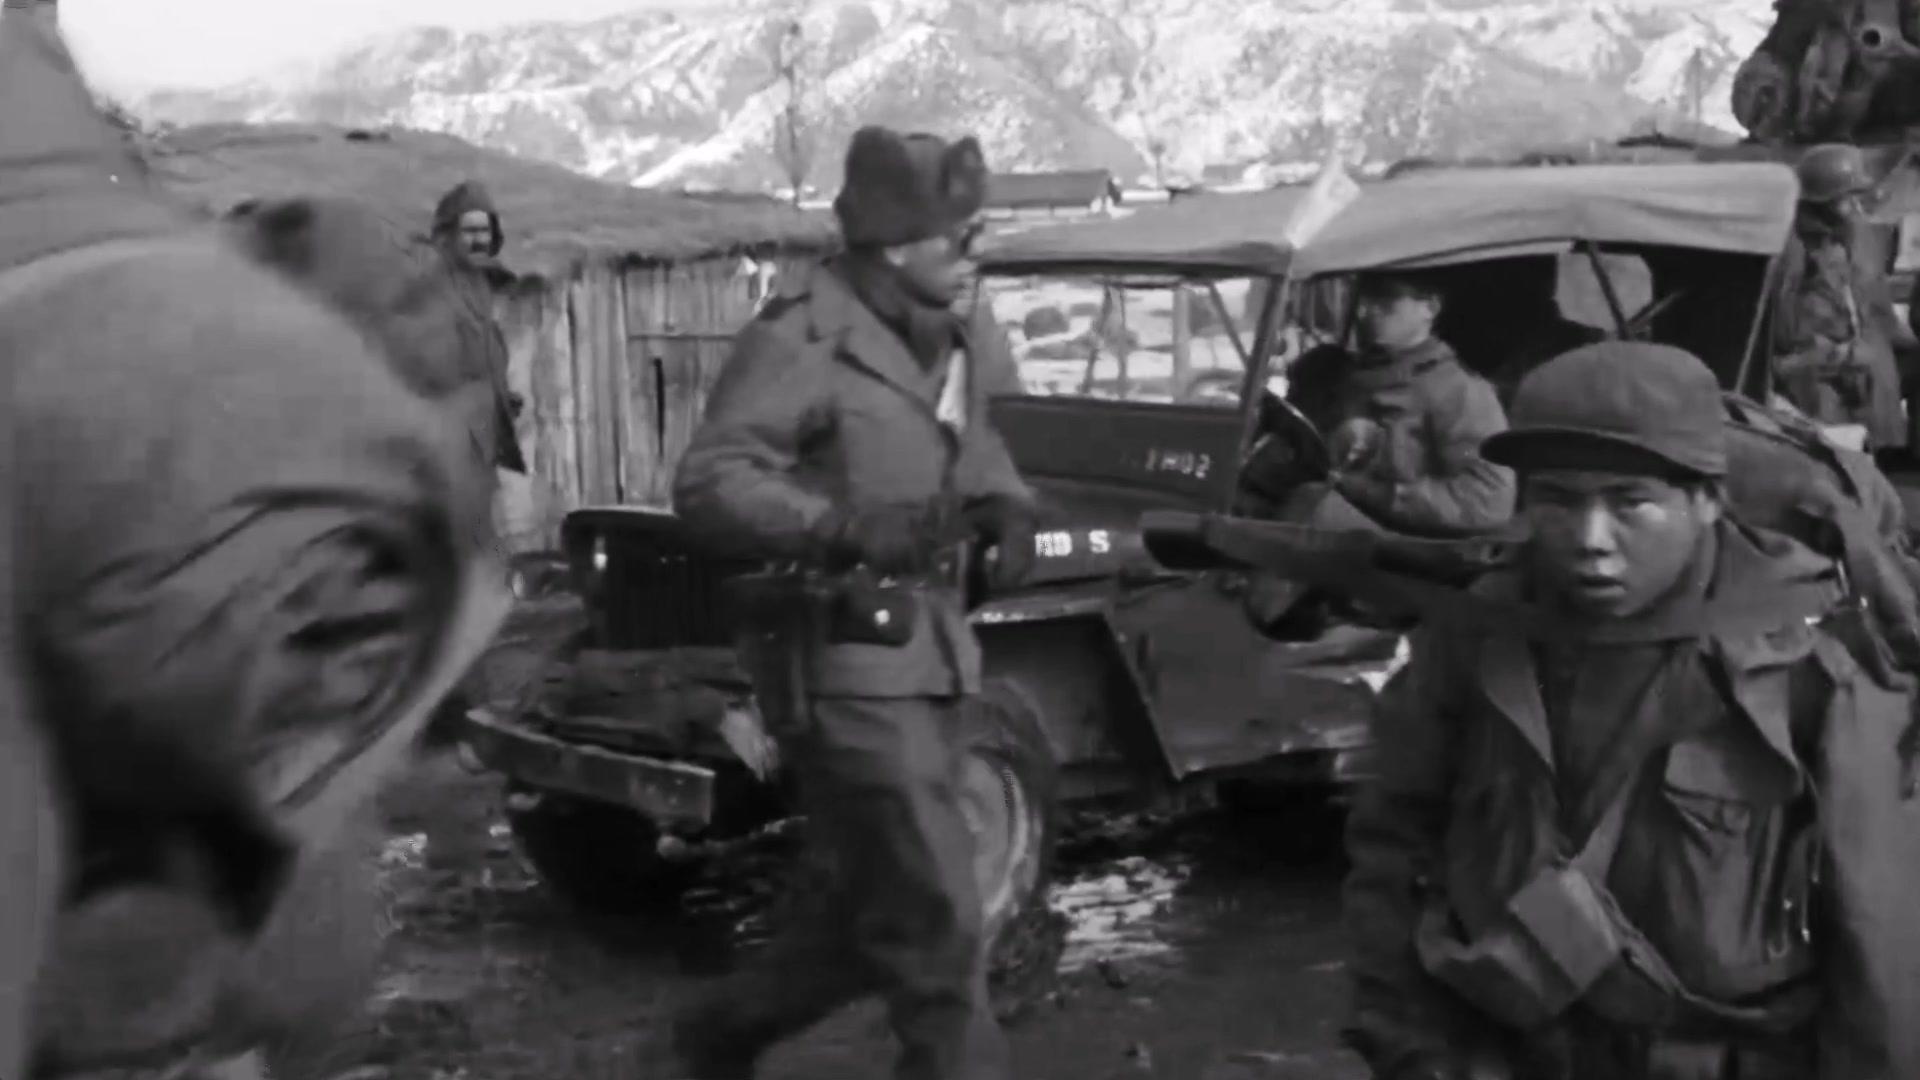 Troops gather outside in winter gear against a snowy mountain backdrop.